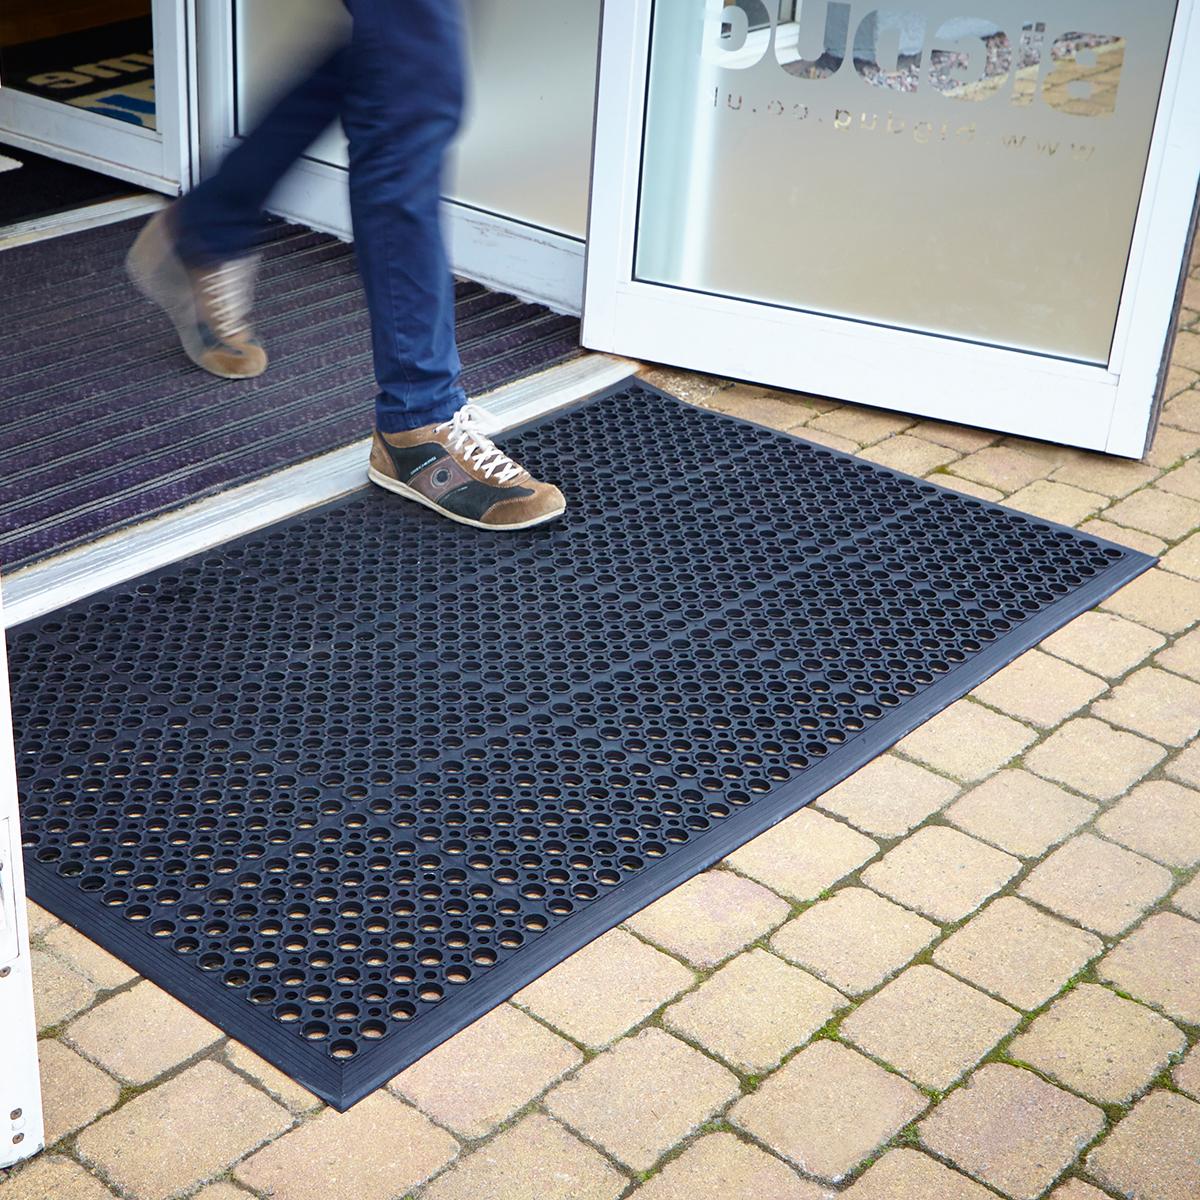 Large rubber heavy duty entrance door doormat floor mat for Outdoor doormats